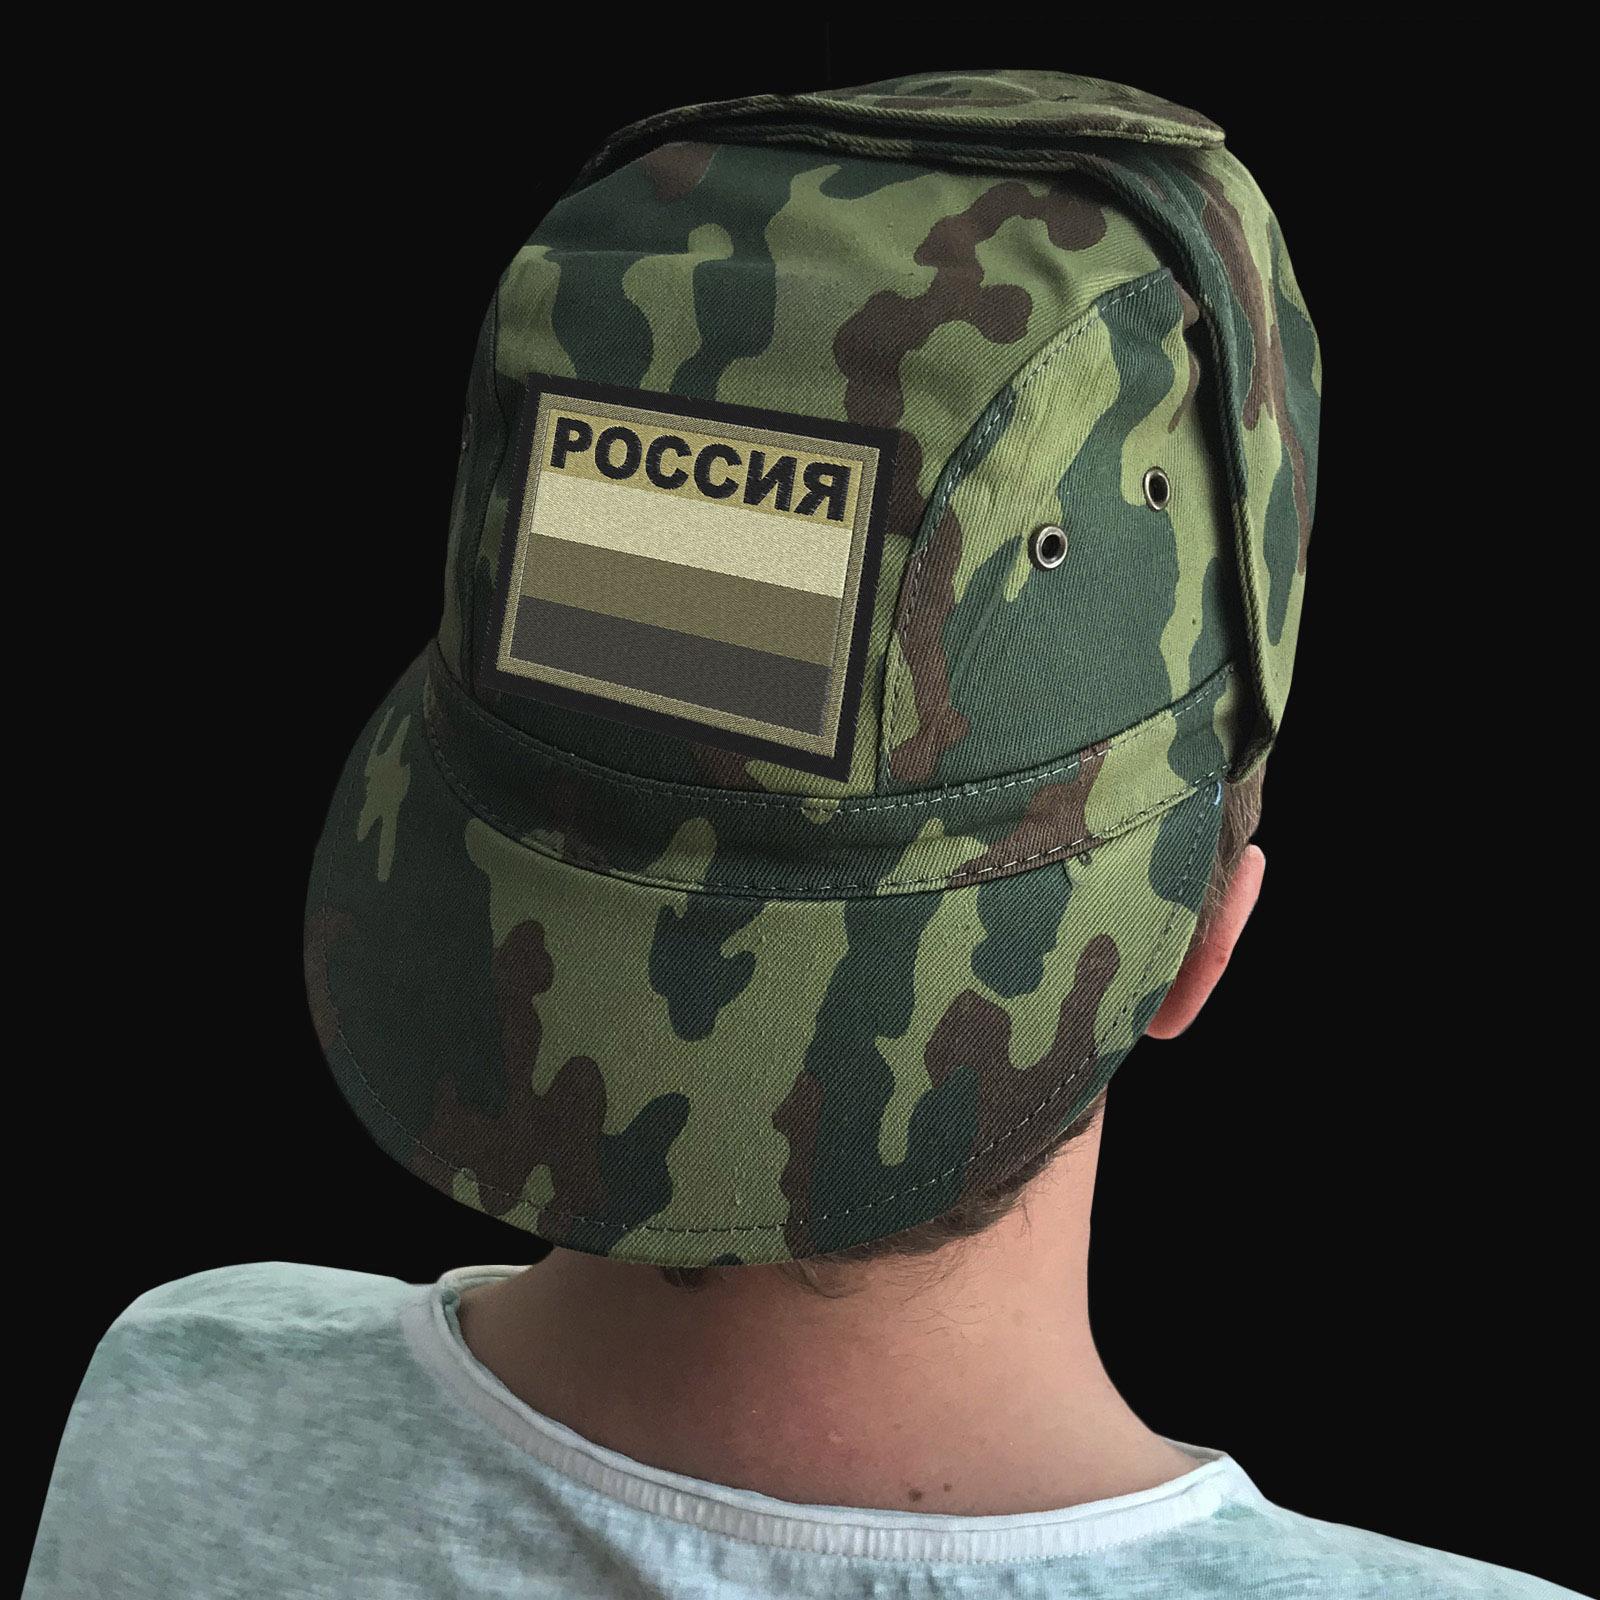 Купить в интернет магазине армейскую кепку с символикой РФ